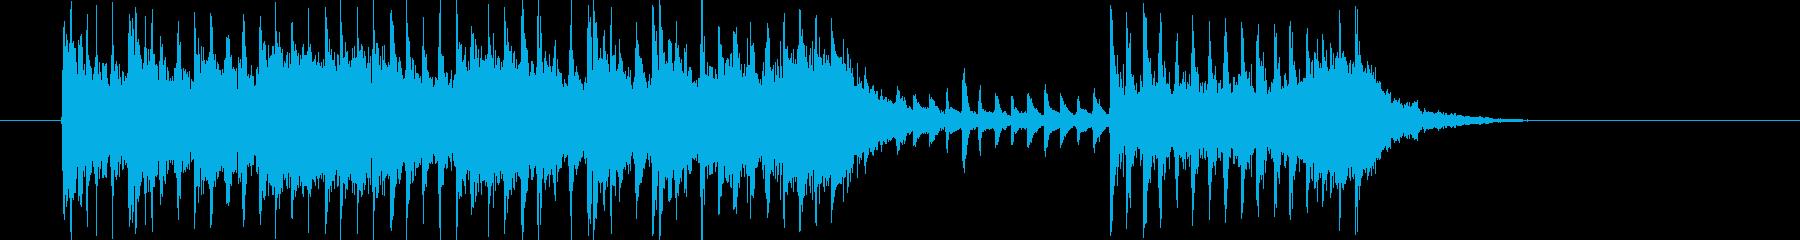 シリアスで勢いのあるシンセサウンド短めの再生済みの波形